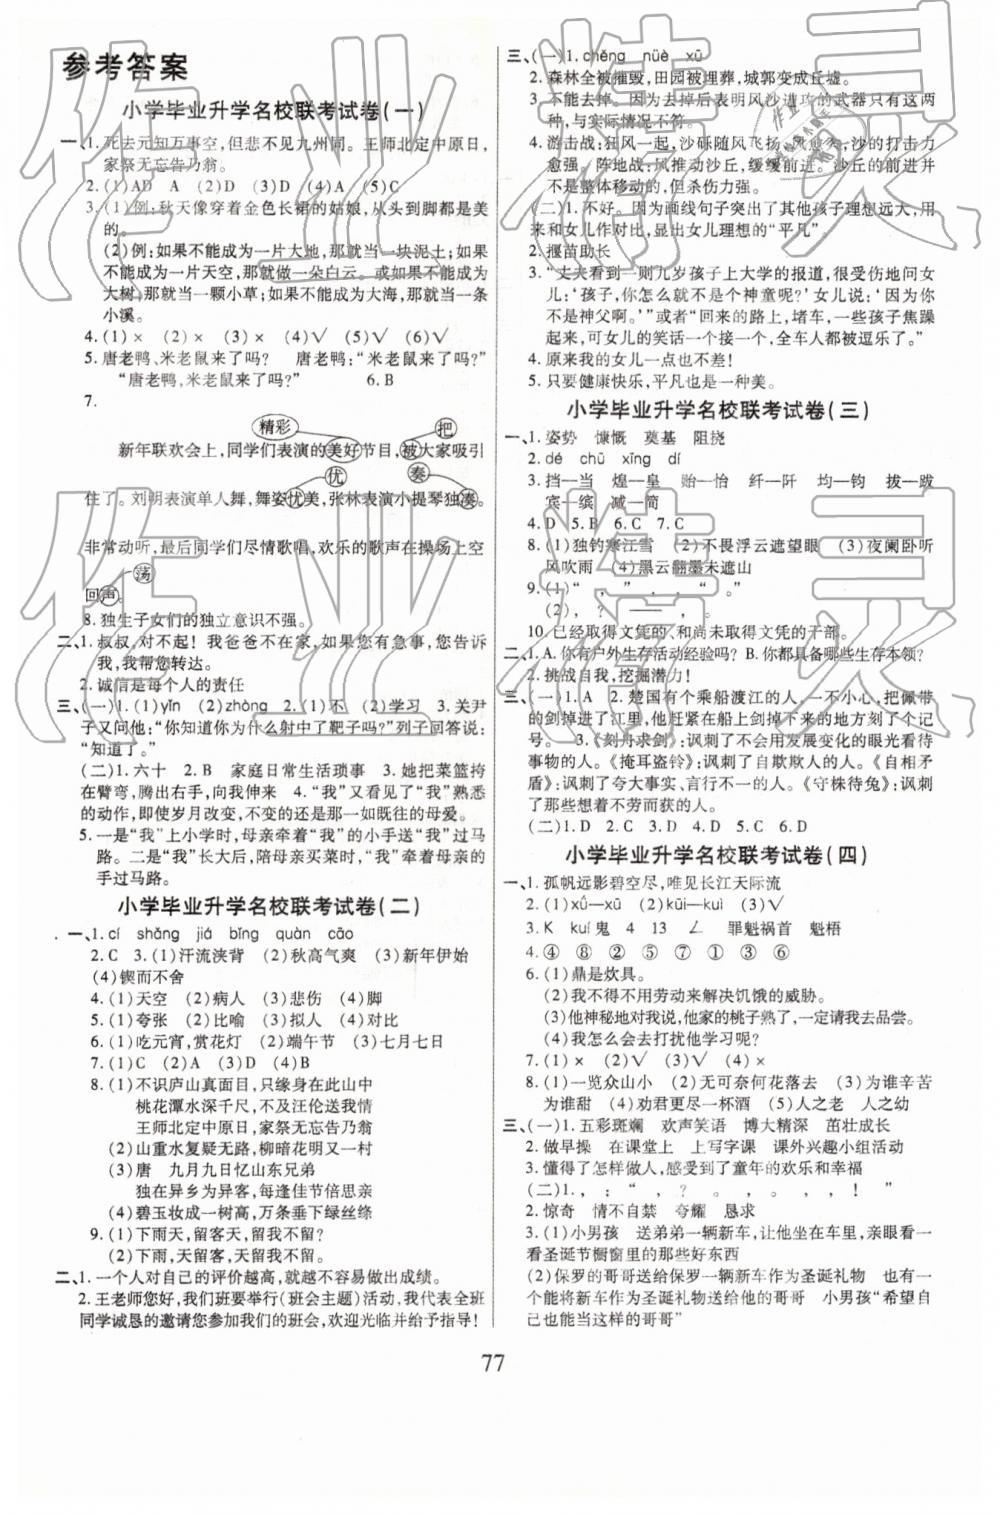 2019年小升初教研室调研卷语文第1页